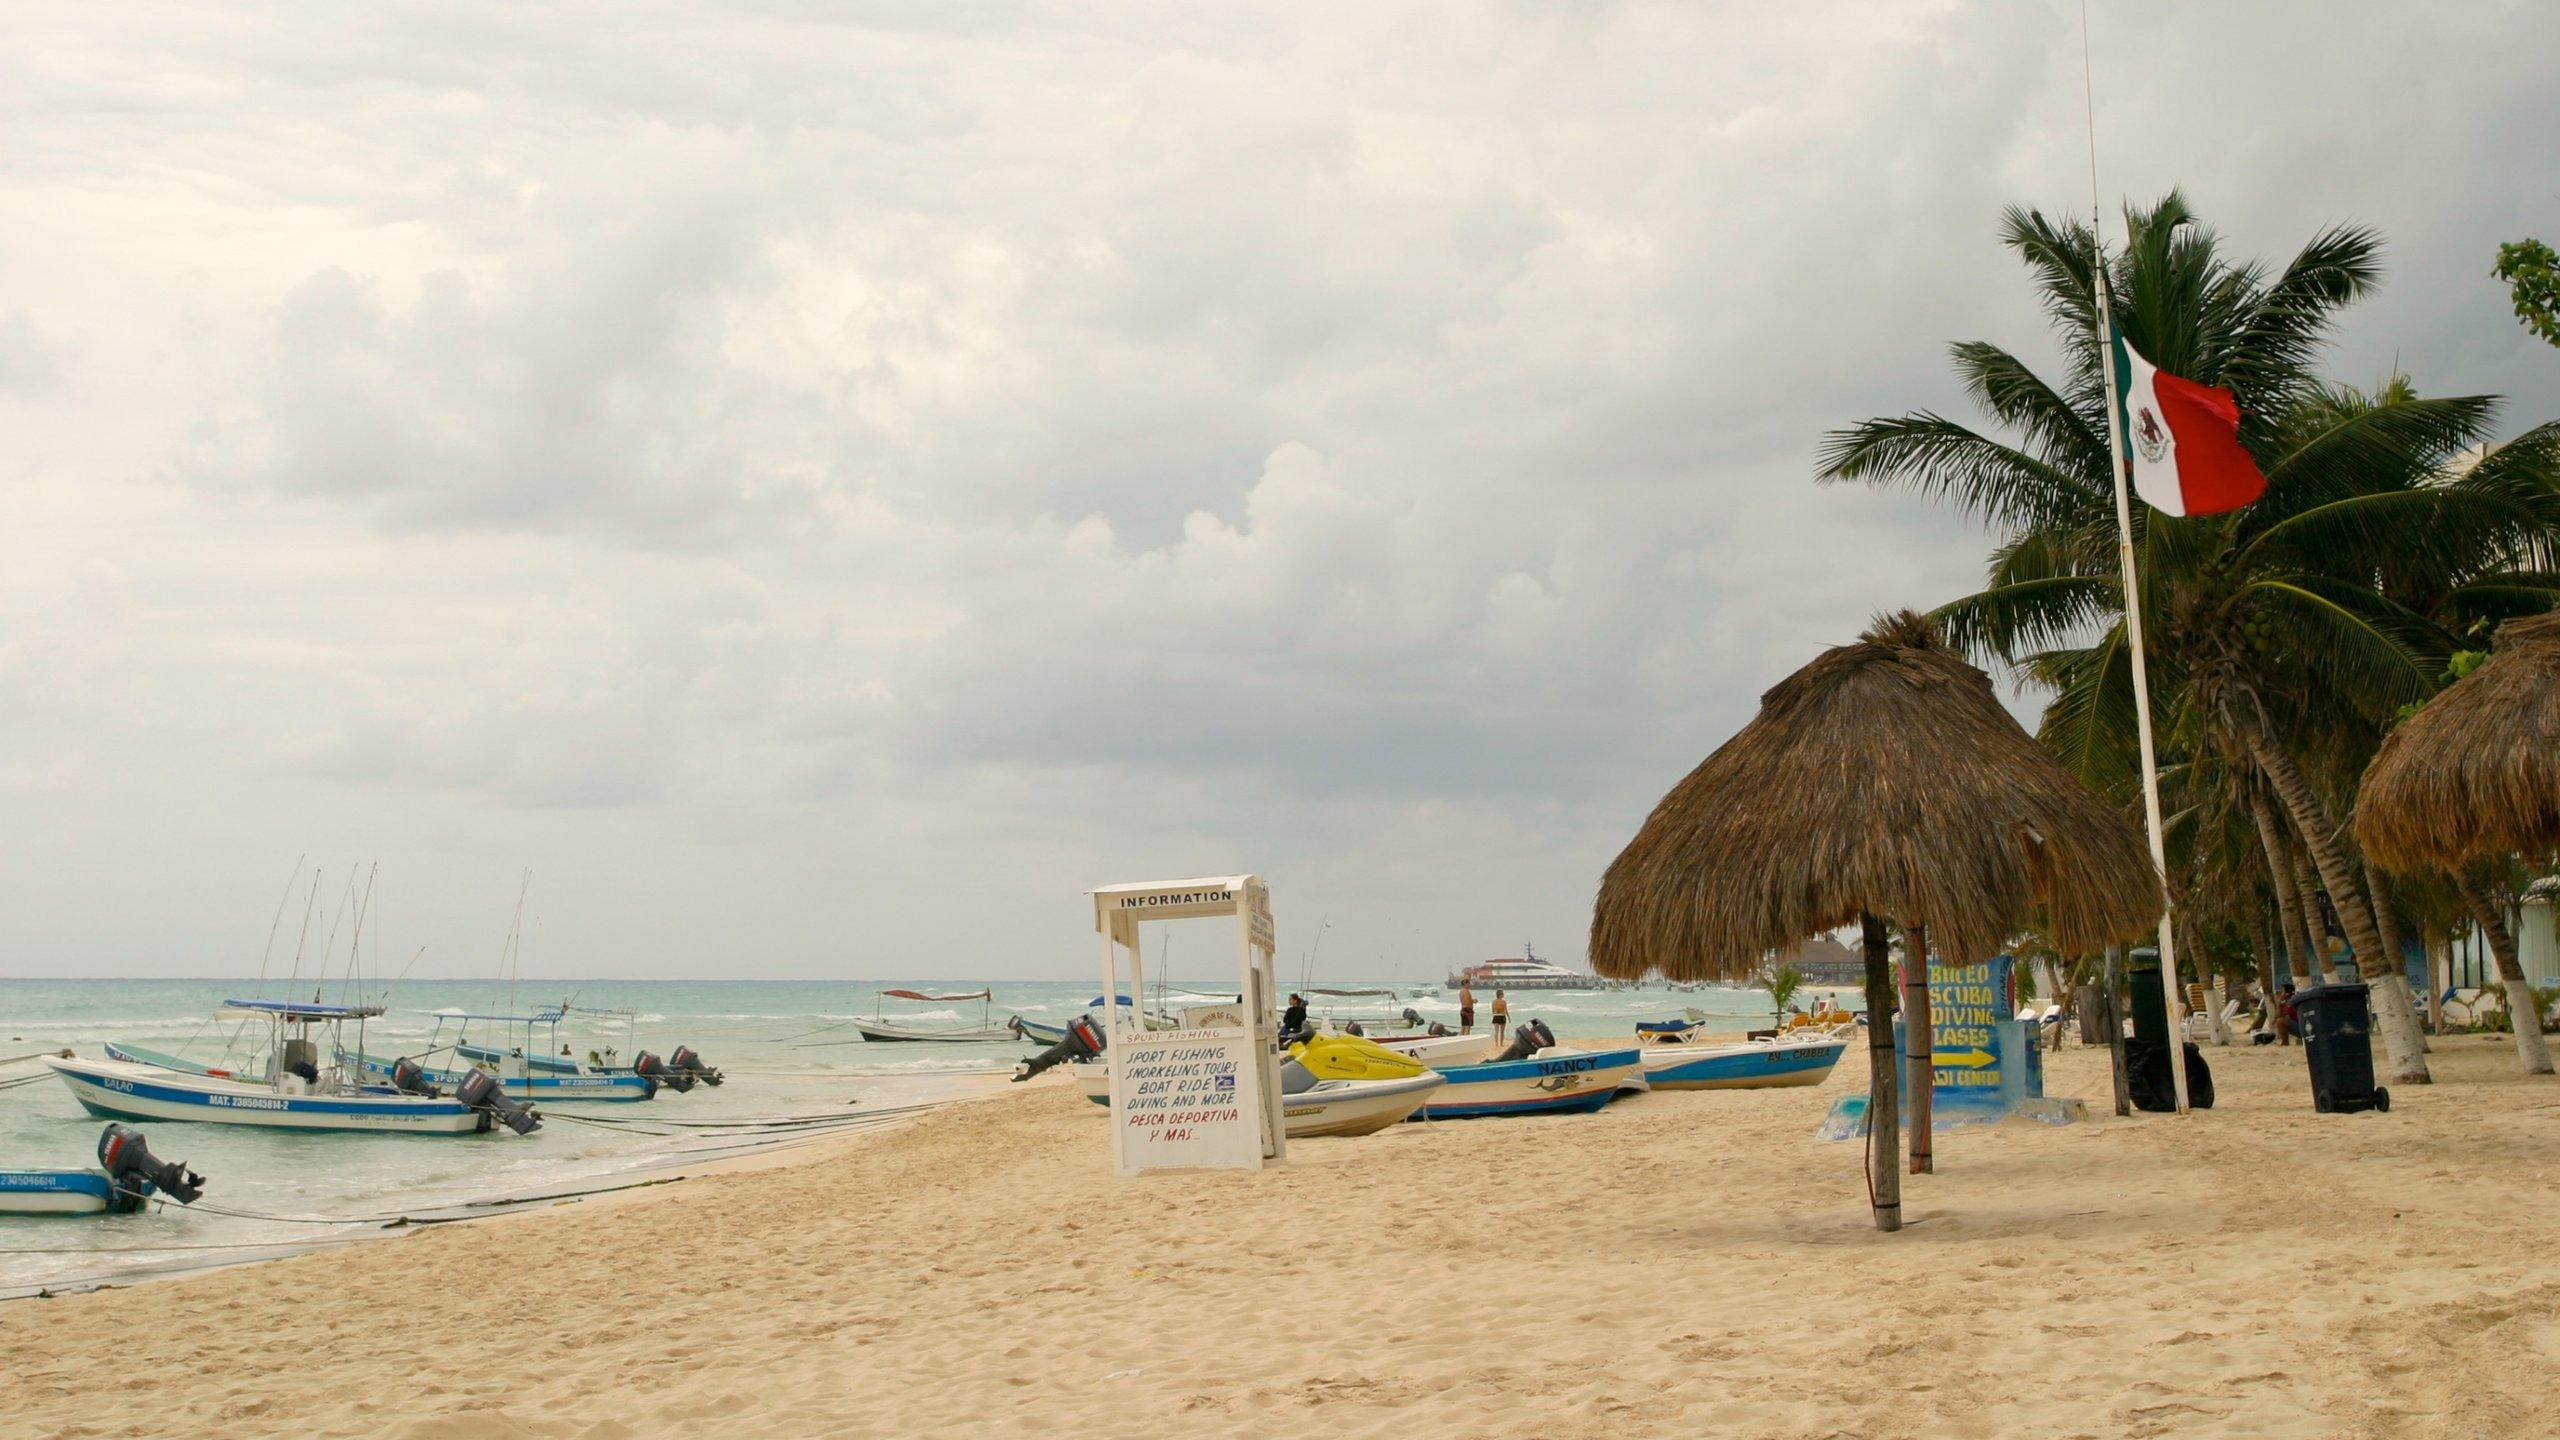 10 Best Playa del Carmen BEACH Hotels  Resorts in 2020